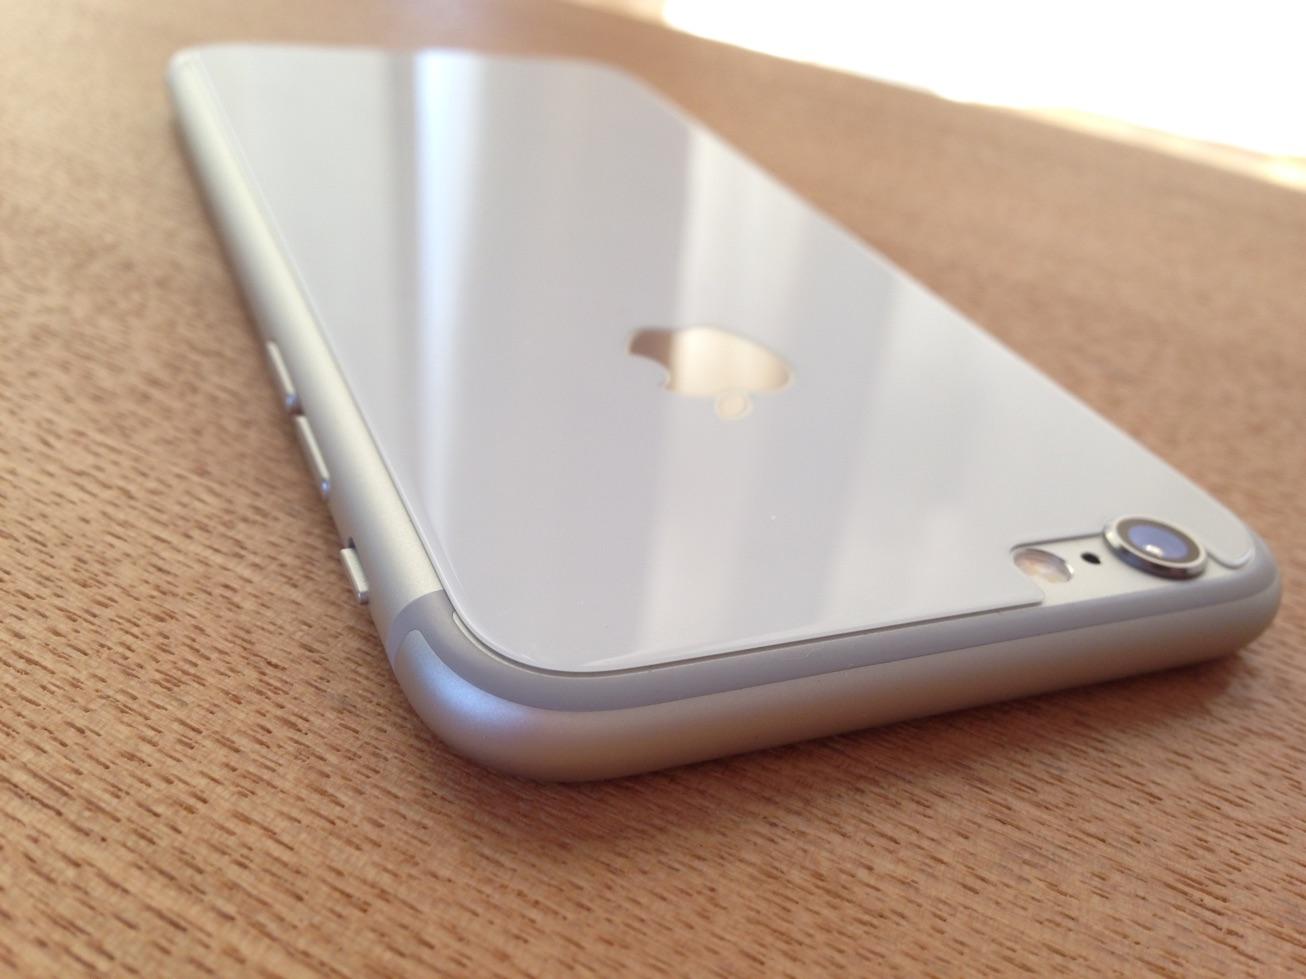 iPhone6の背面をiPhone4sのようなガラスにするDeFFのカバーが理想的なカバーだった